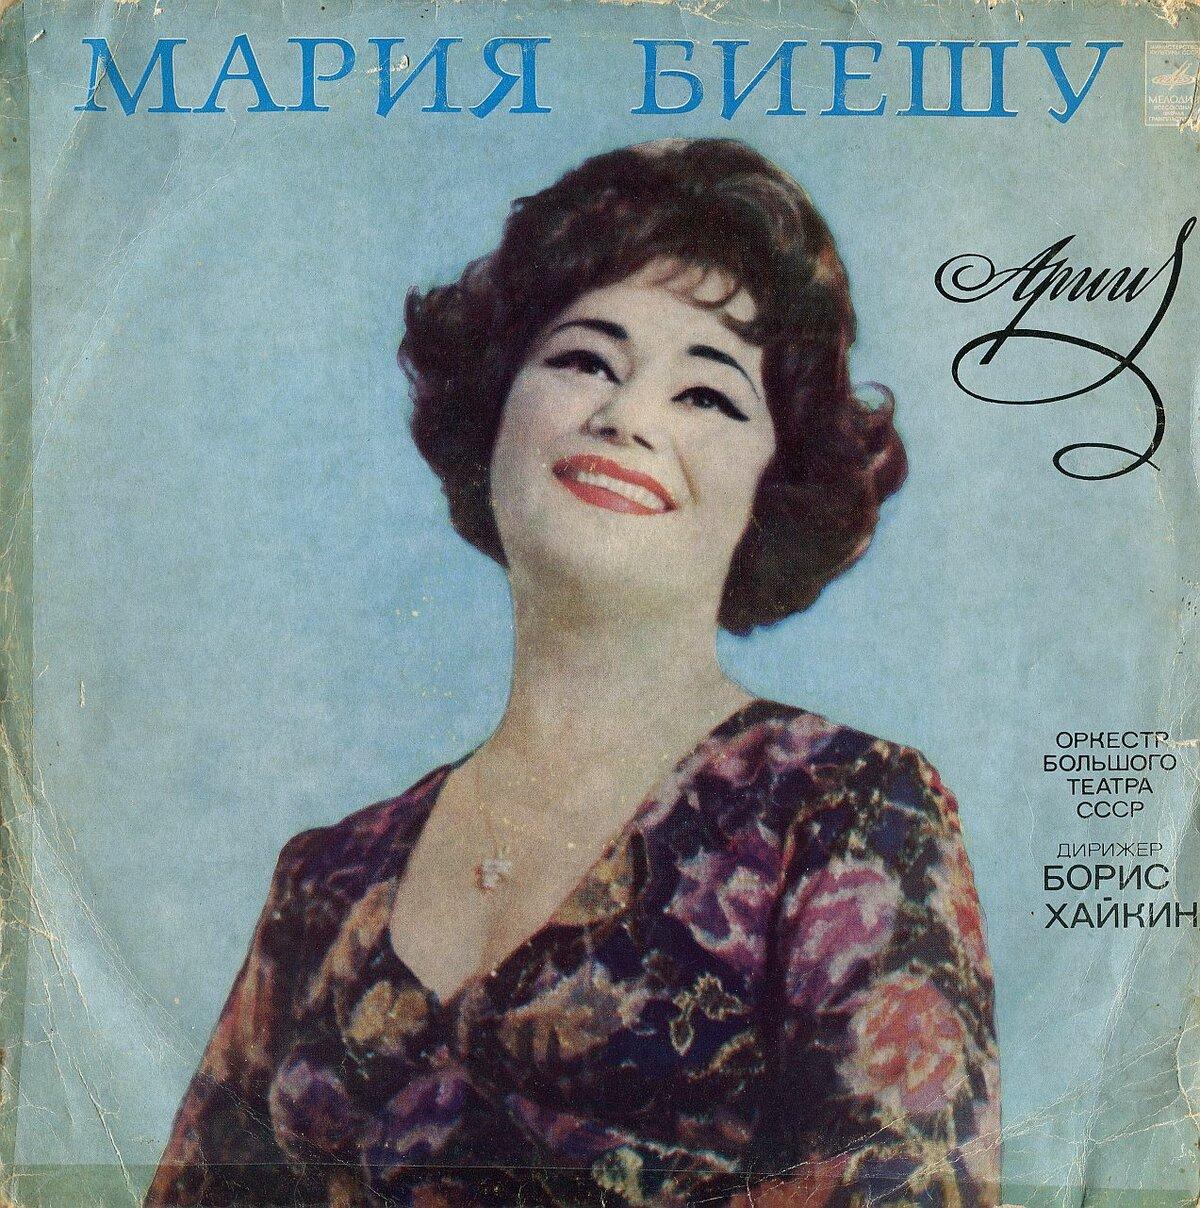 Мария Биешу (сопрано) - Арии (1976) скачать mp3